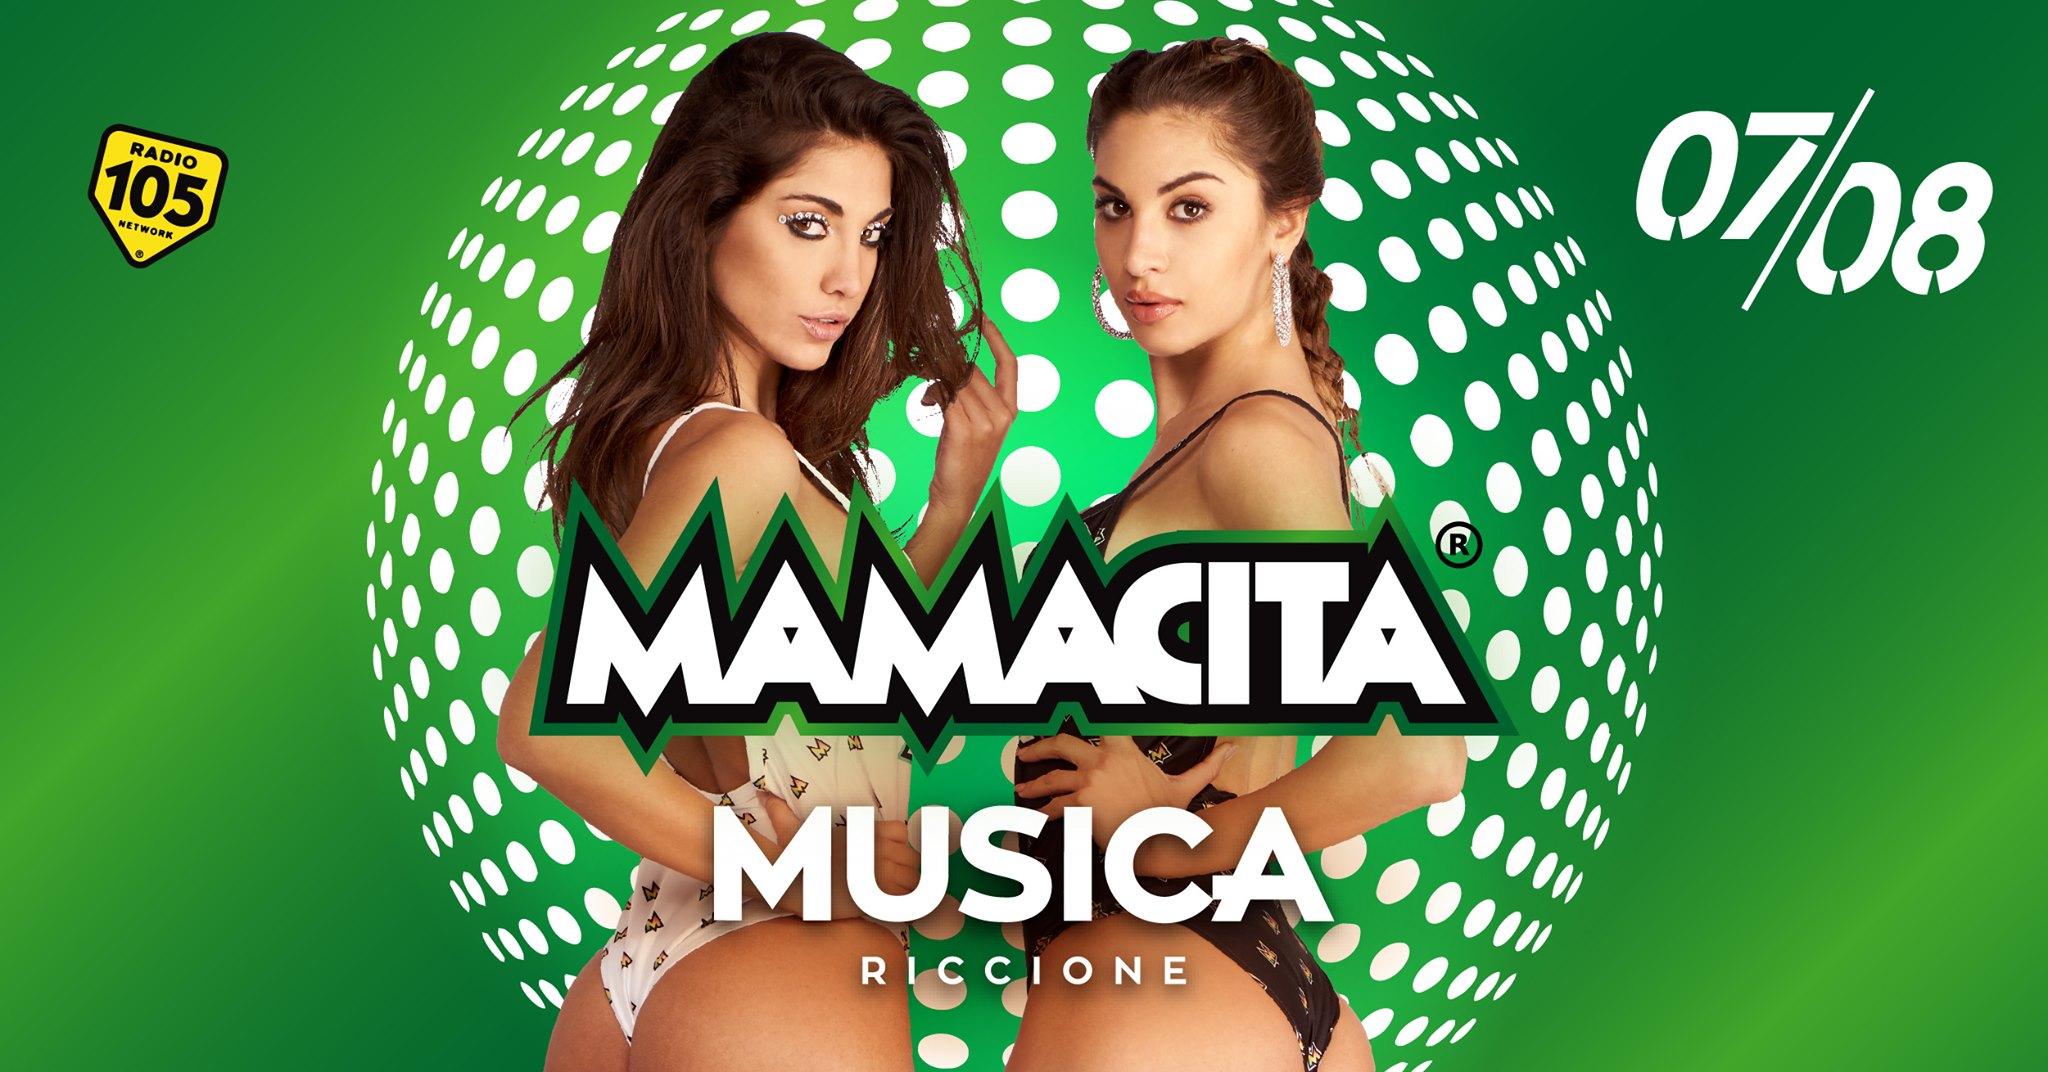 mamacita musica venerdì 7 agosto